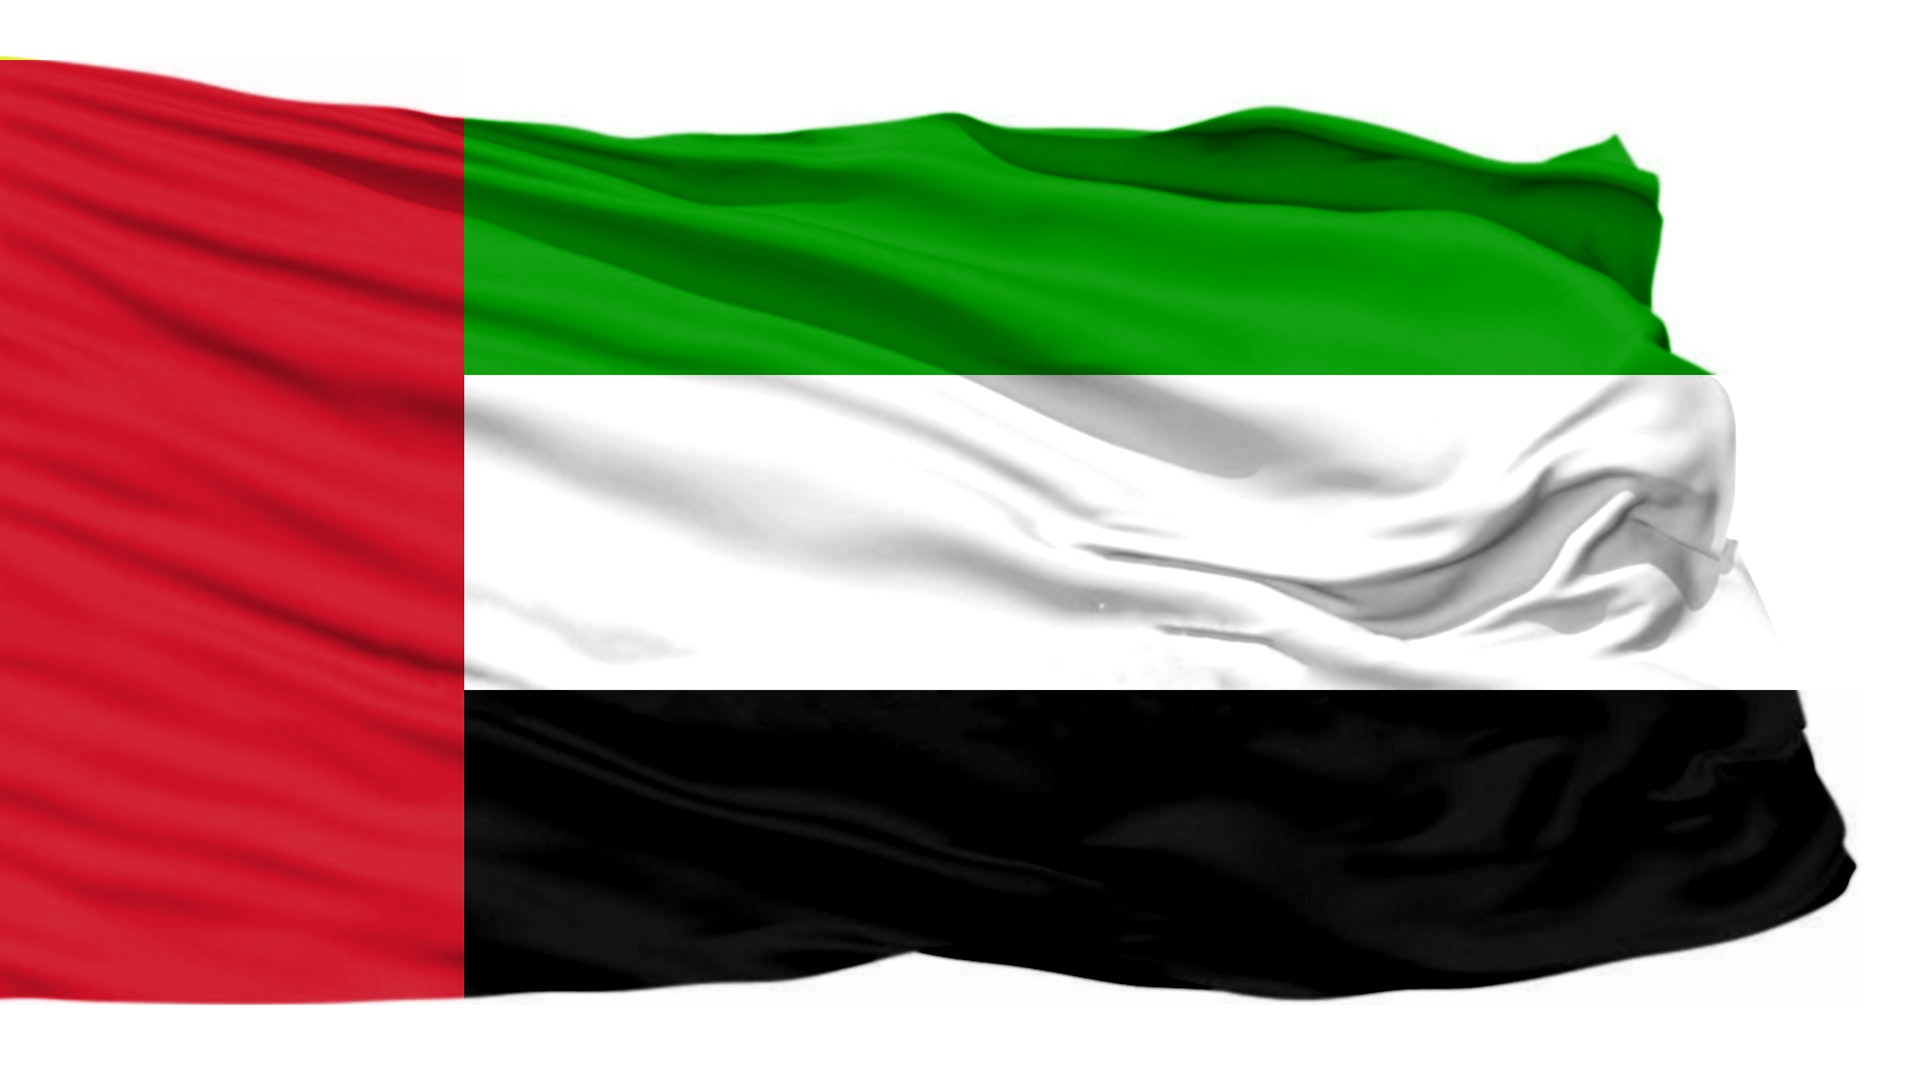 free stock photo of flag uae flag united arab emirates